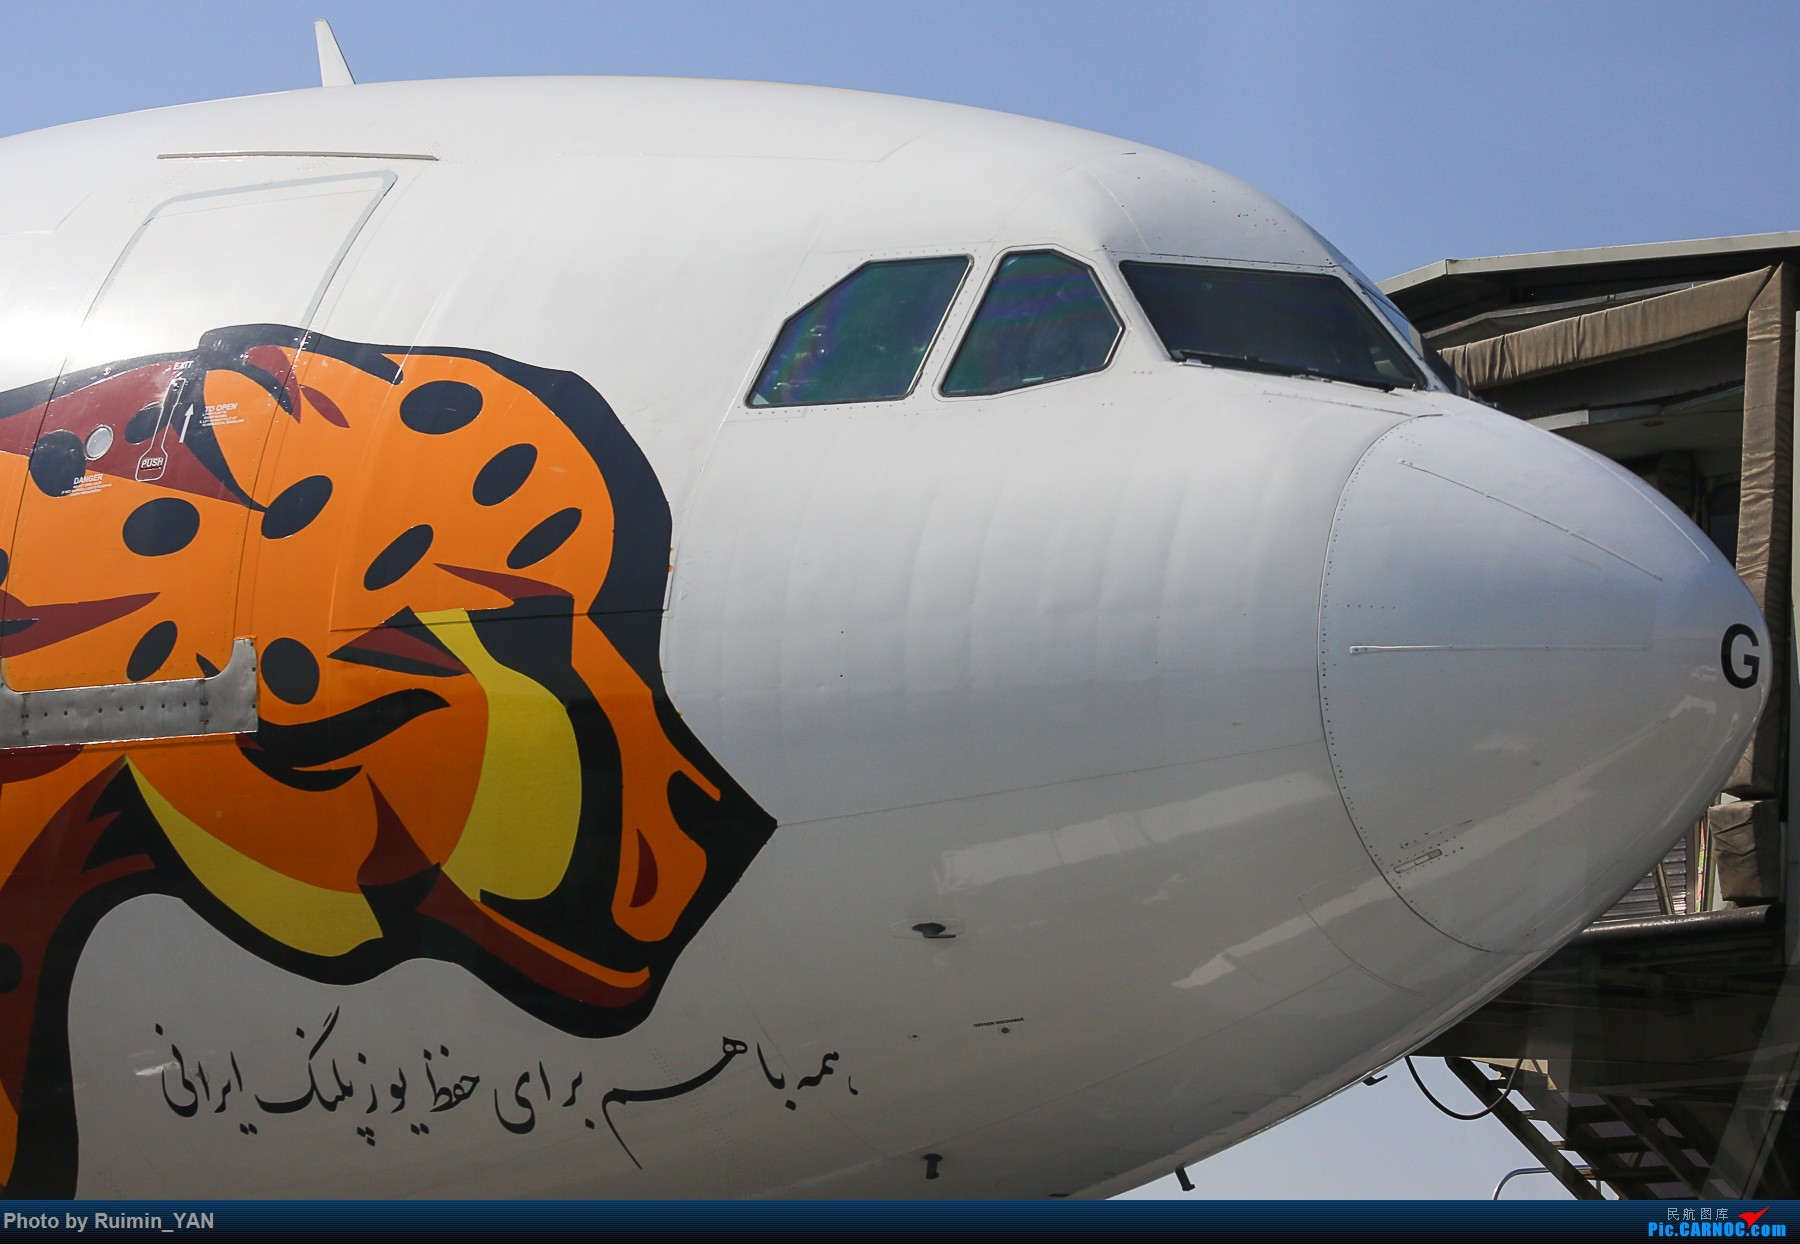 Re:[原创]【THR】(德黑兰梅赫拉巴德机场)伊朗Meraj航空(Meraj Airlines,IJ)新涂的保护老虎猎豹彩绘--空客320,AB6 AIRBUS A300B4-600R EP-SIG 伊朗德黑兰机场